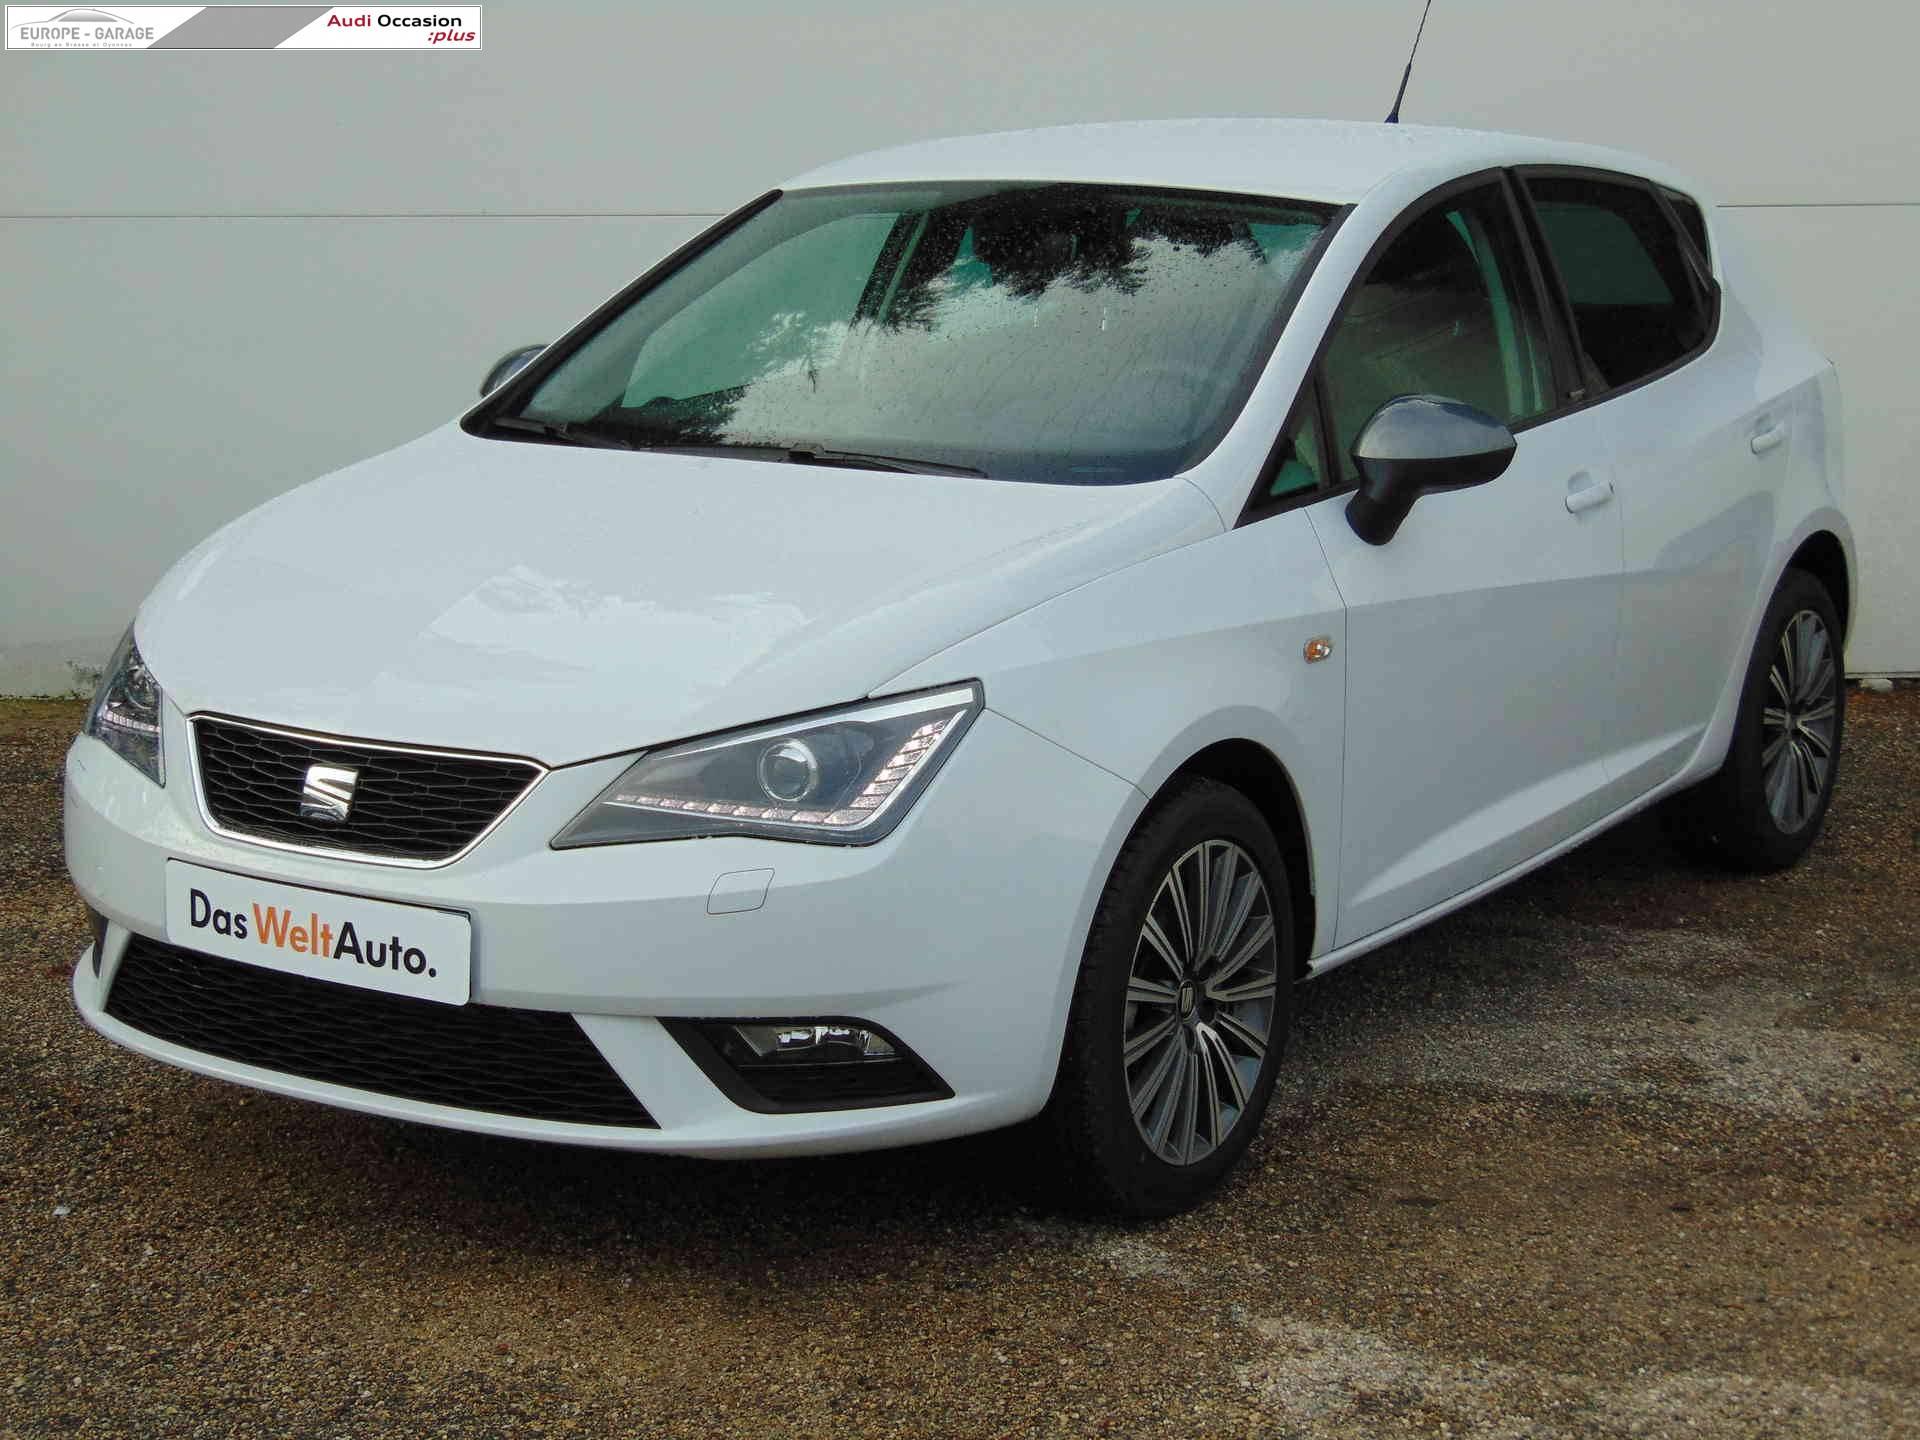 1 - Ibiza 1.4 TDI 90 ch